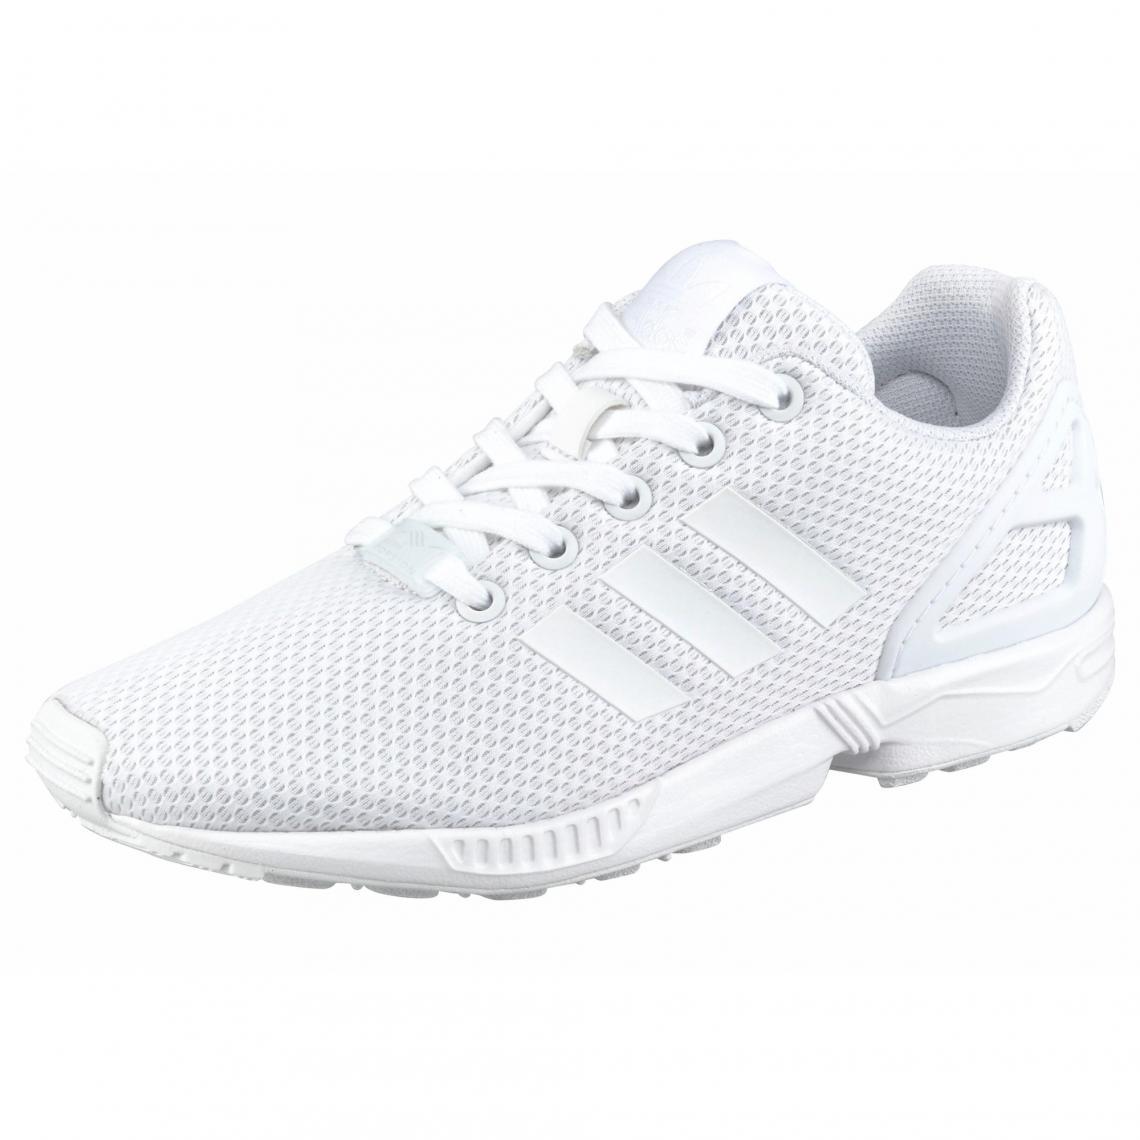 en soldes df1f3 25e32 Sneakers adidas Originals ZX Flux pour junior - Blanc | 3 ...